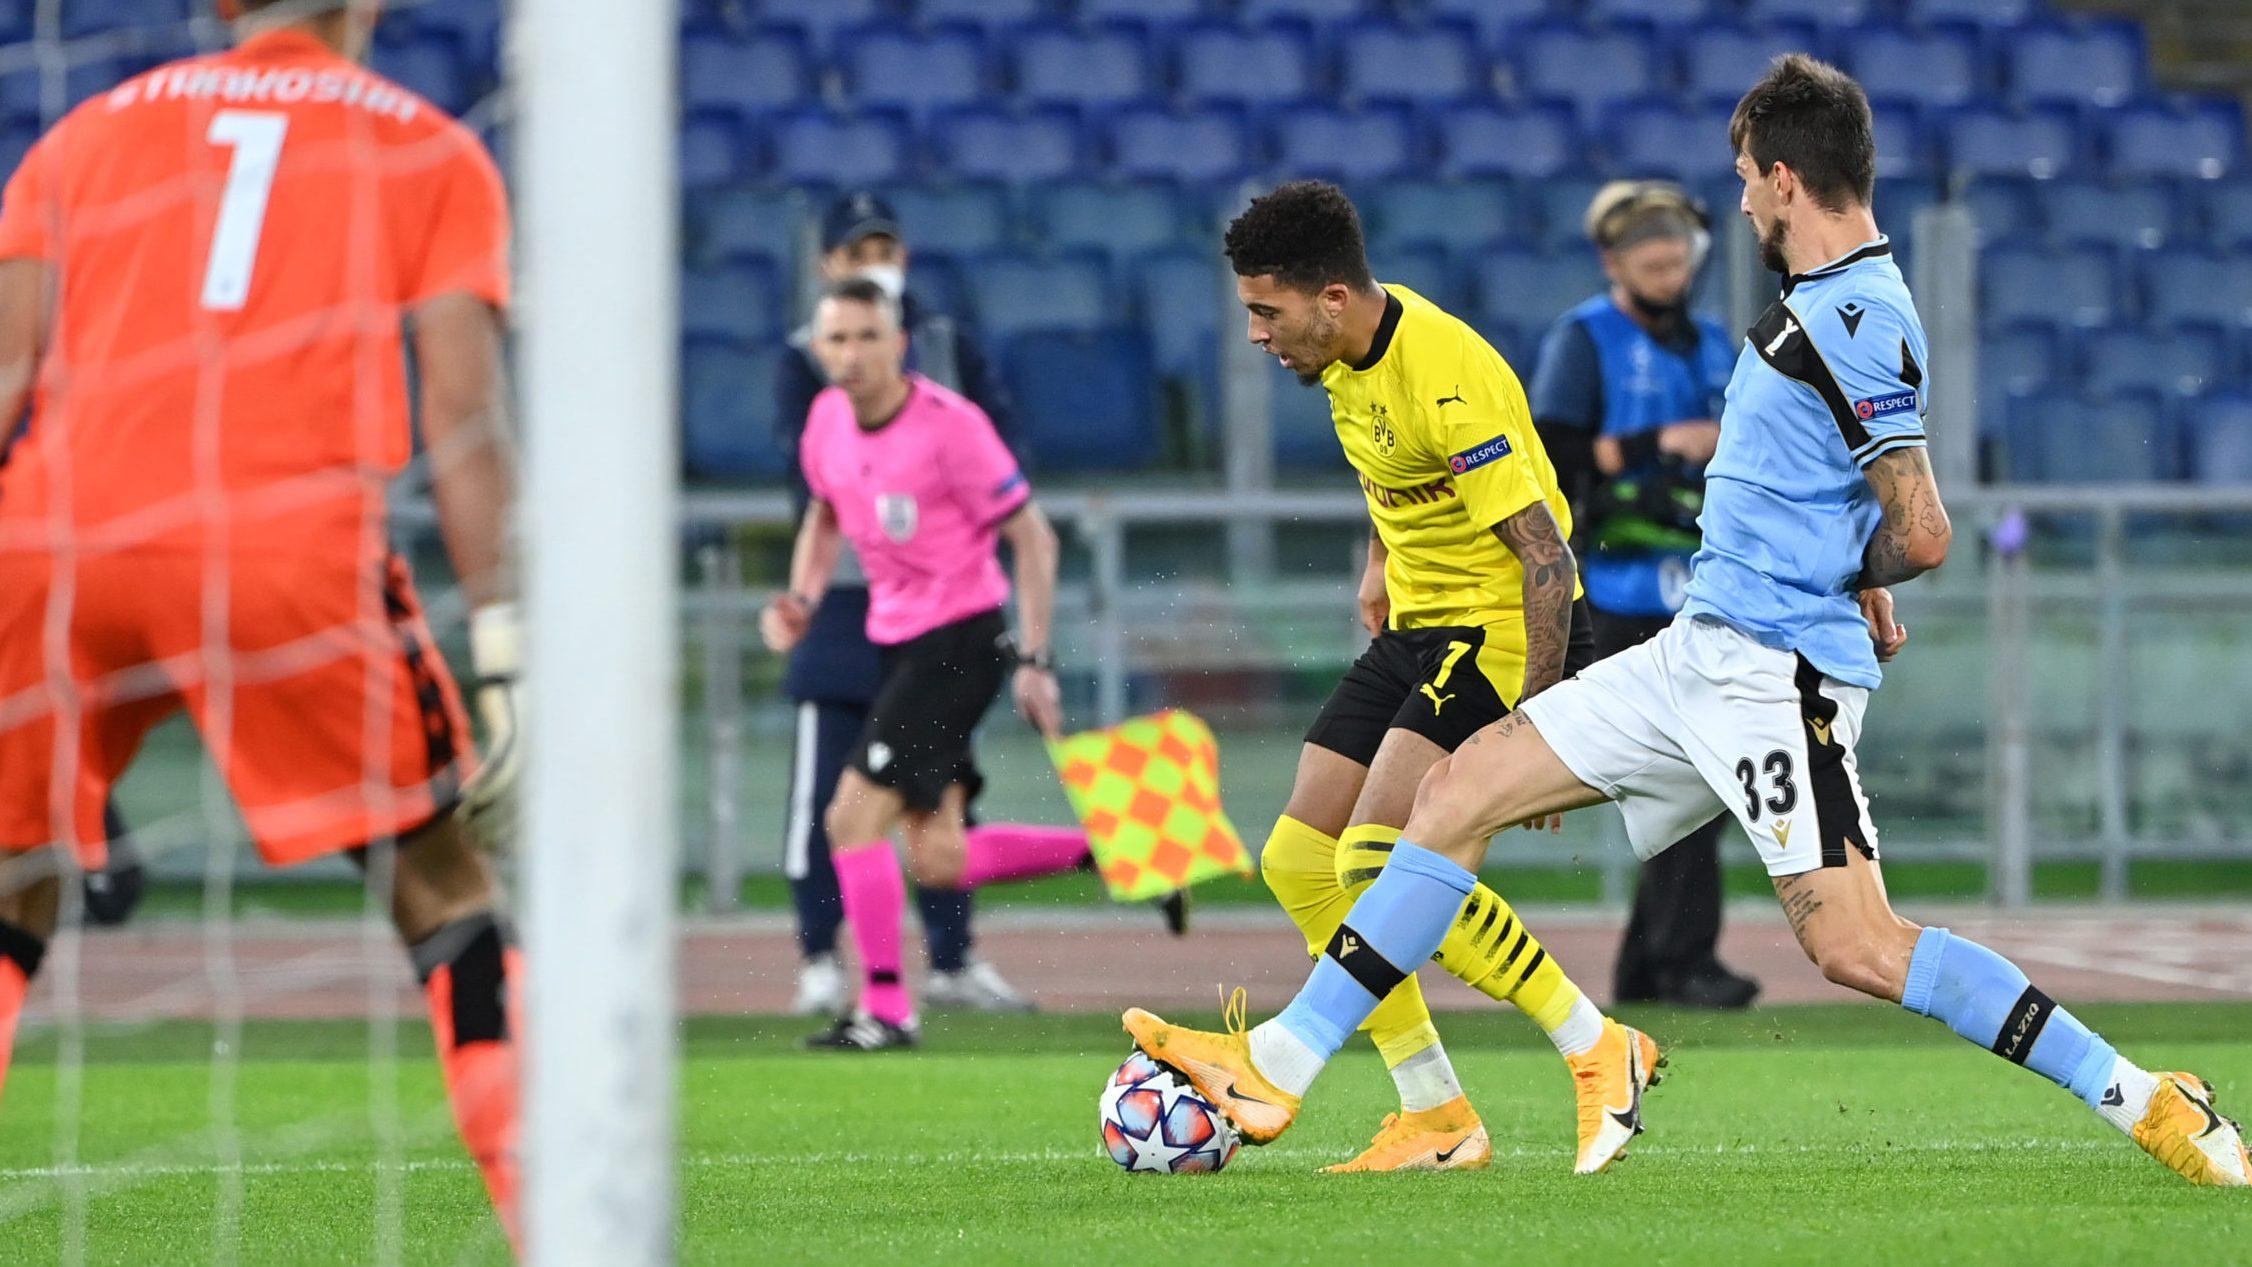 Lazio 3-1 Dortmund: As it happened